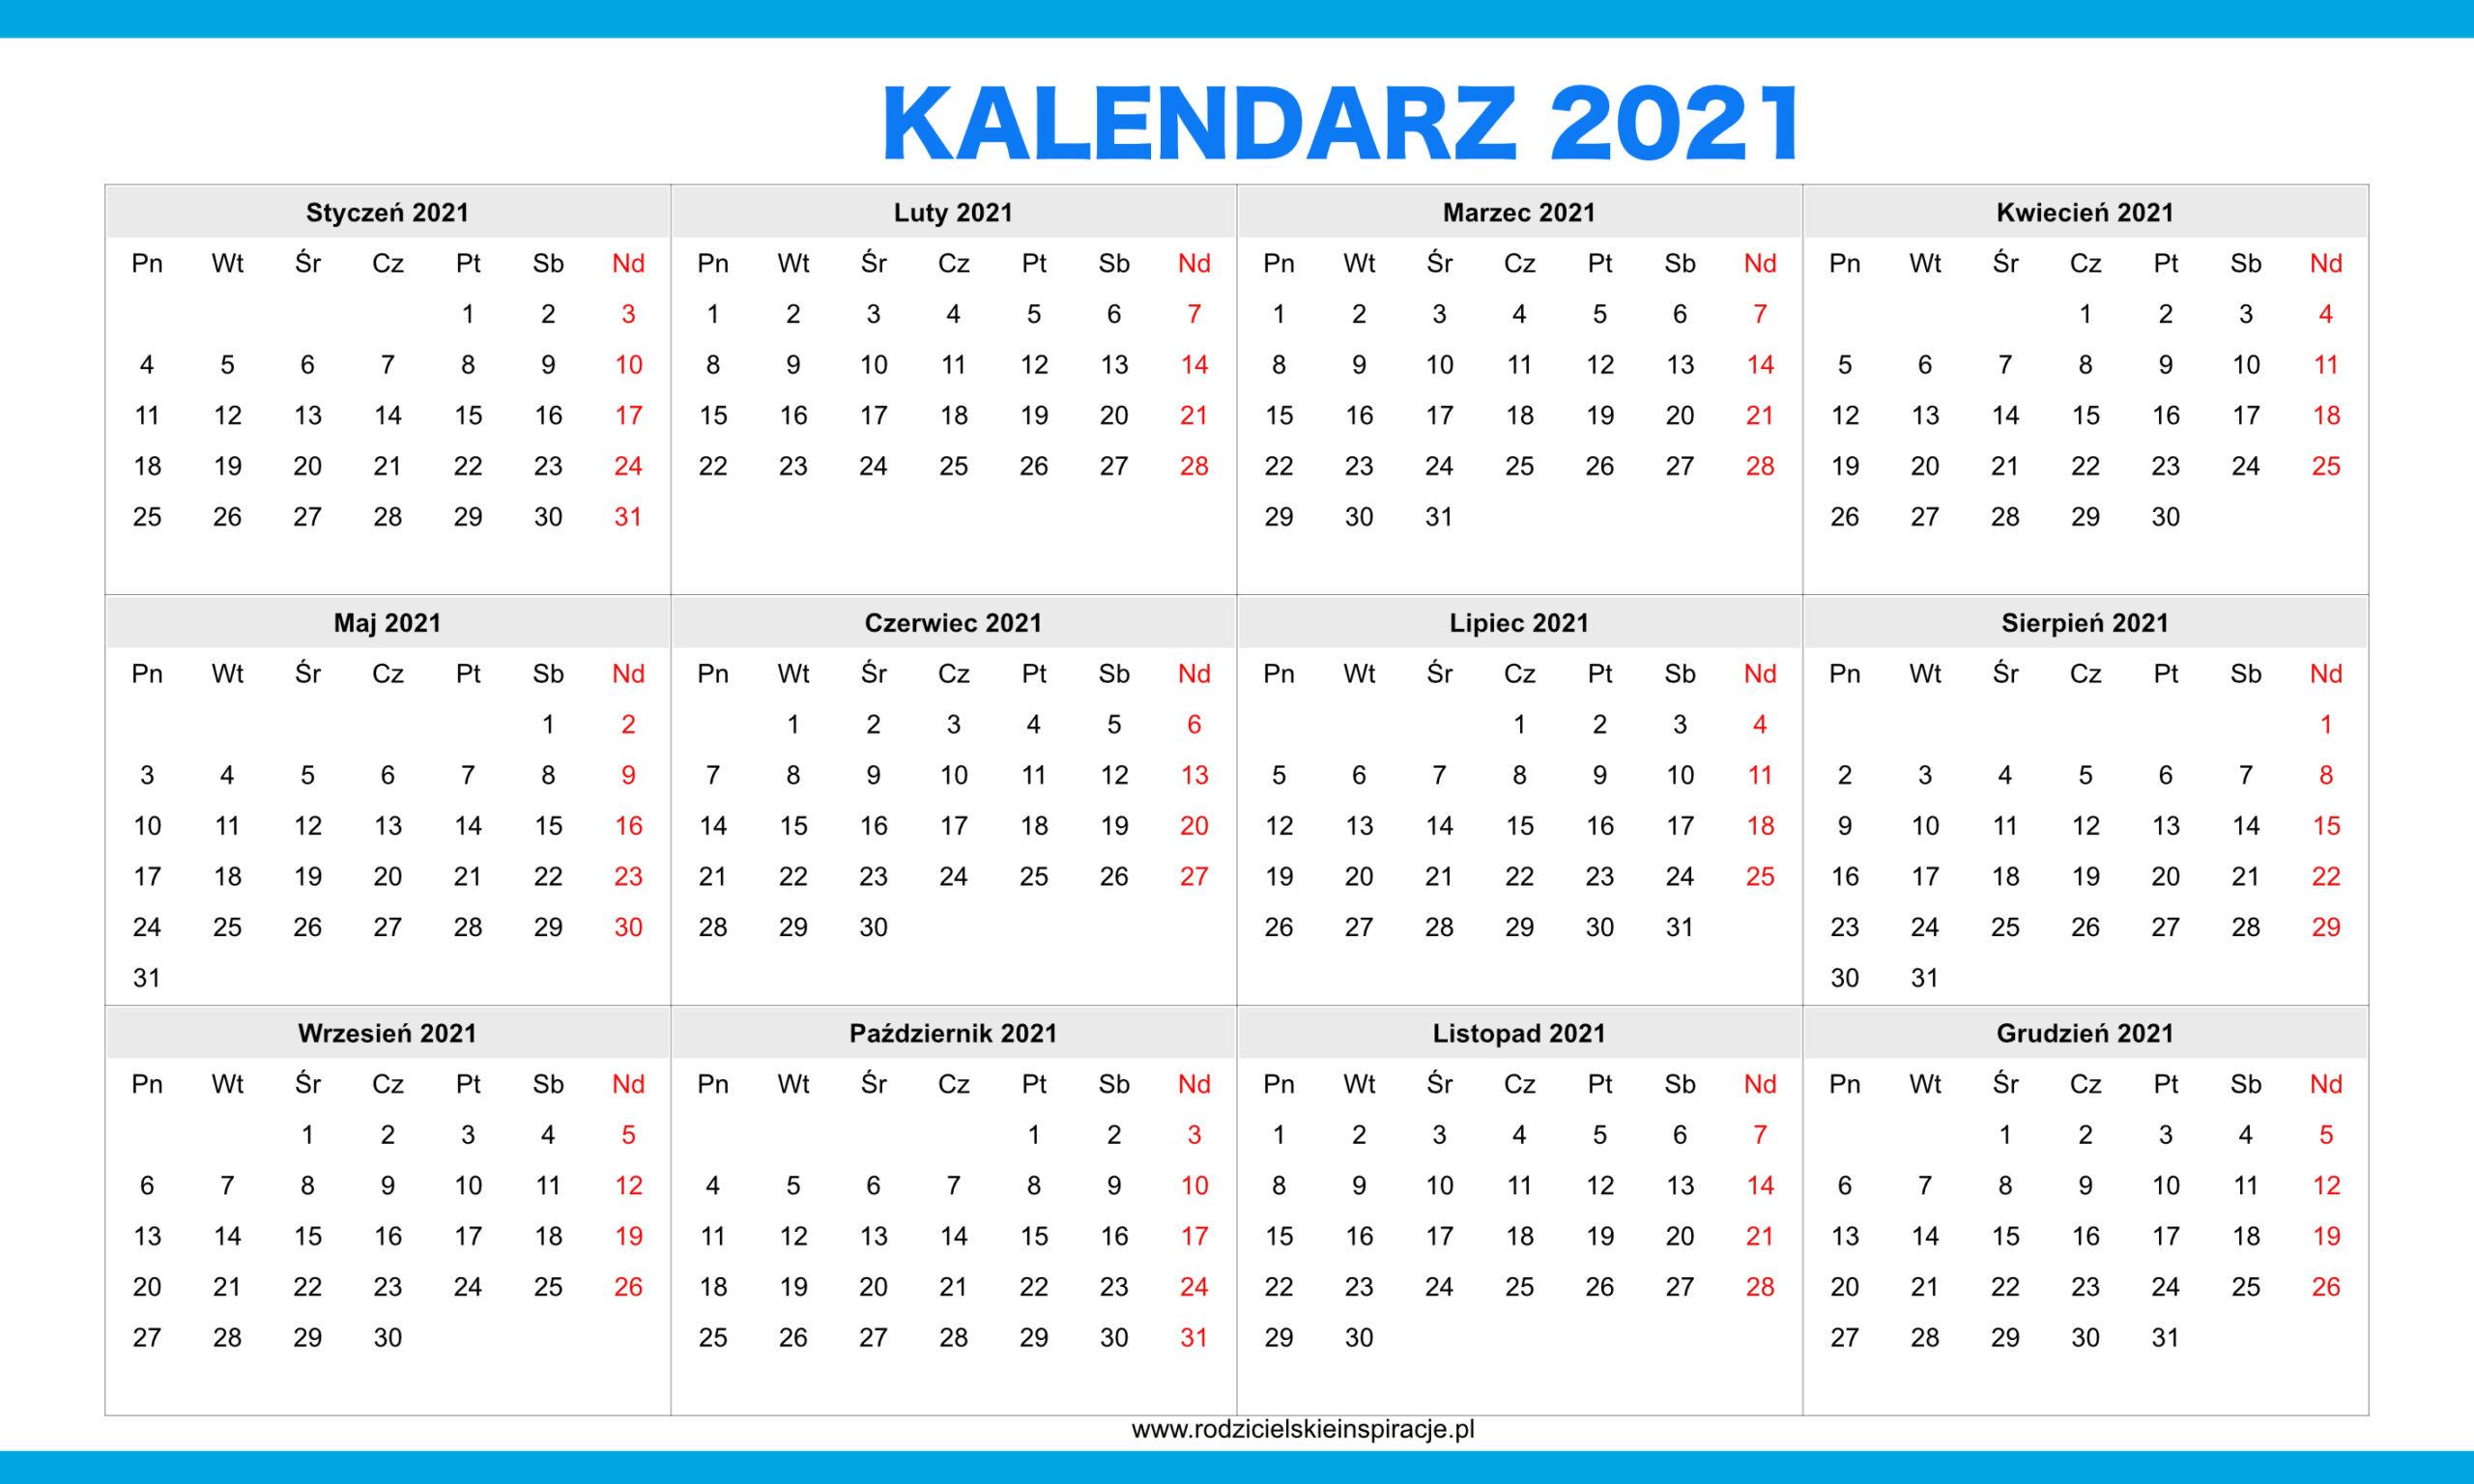 Kalendarz 2021 Rok Do Druku [Pdf] | Rodzicielskieinspiracje.pl for Kalendarz Roczny 2021 2021